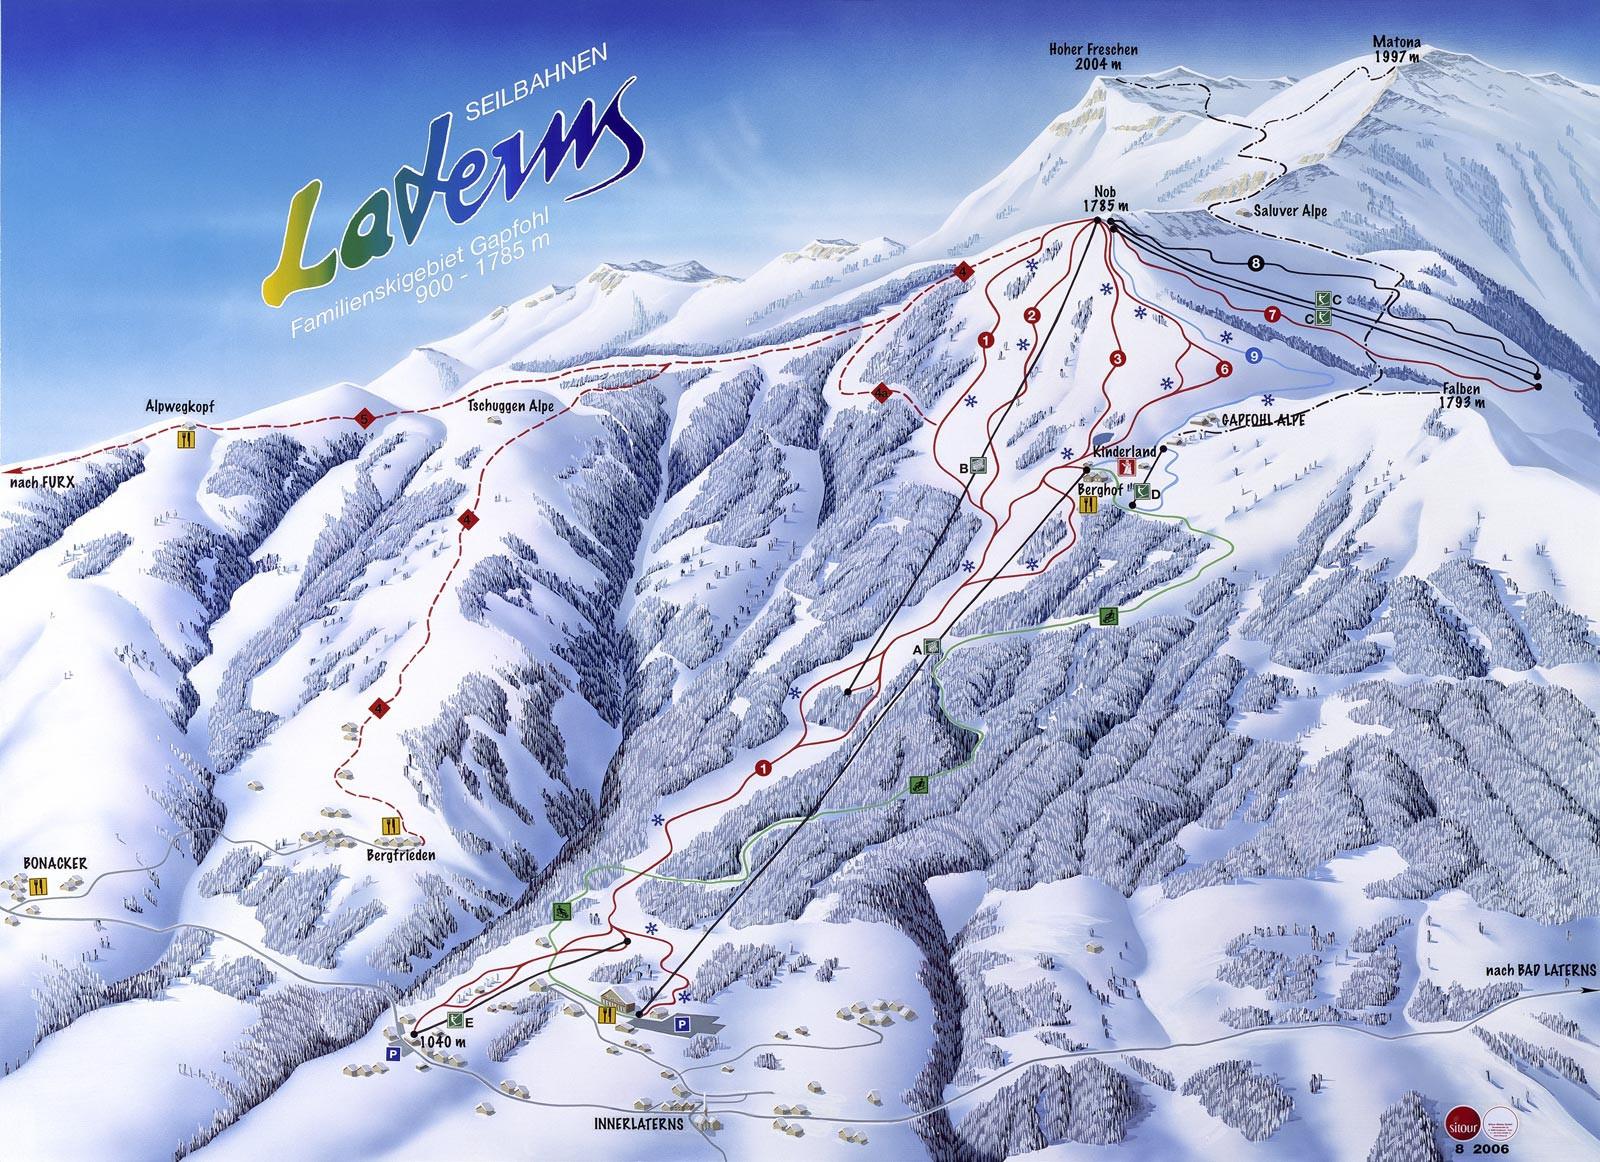 Lyžařská mapa sjezdovek areálu Laterns - Gapfohl